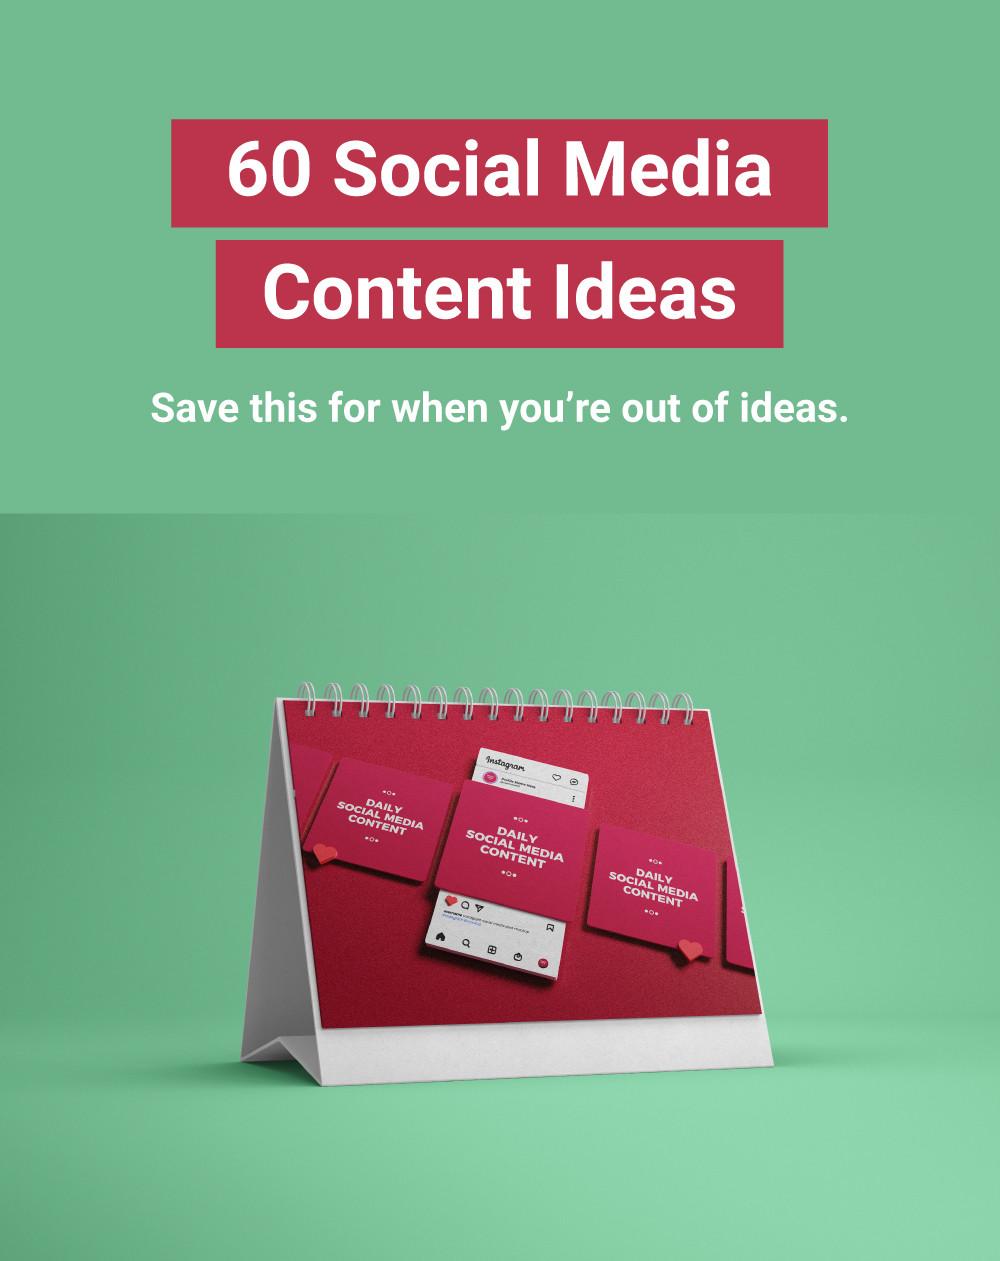 60 Social Media Content Ideas